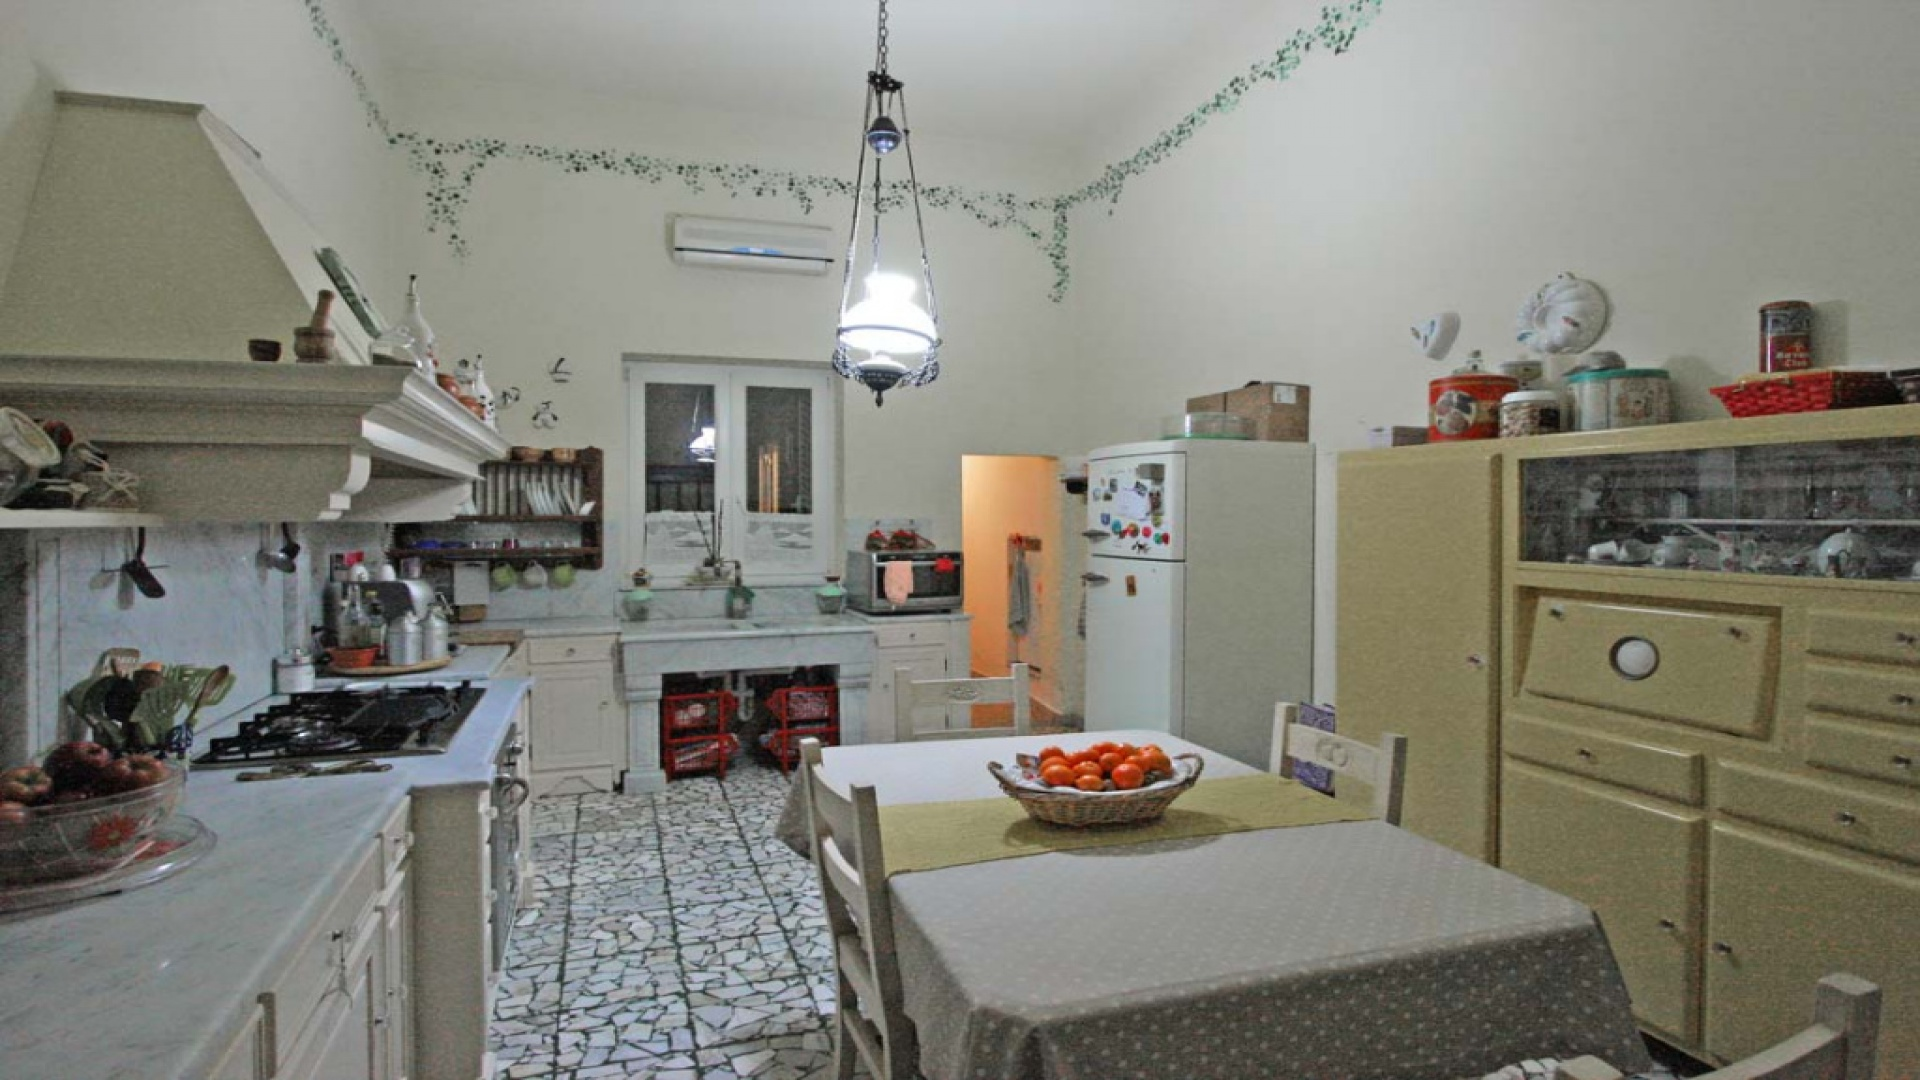 Centro Residenziale, 4 Bedrooms Bedrooms, ,2 BathroomsBathrooms,Indipendente,Vendita,1246